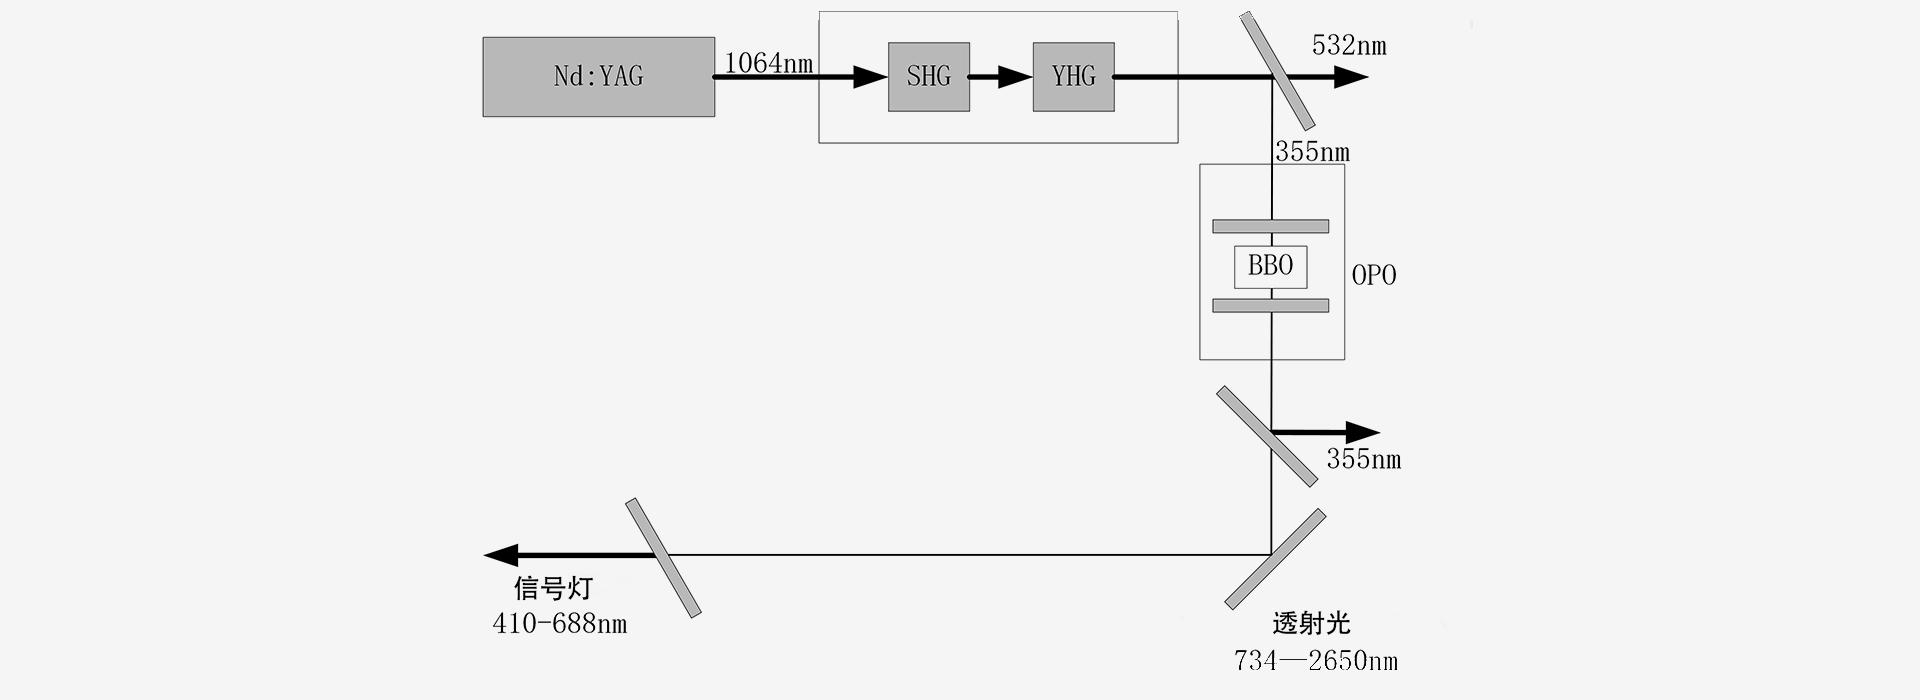 620-670nm-激光器原理图-南京光宝-CRYLINK